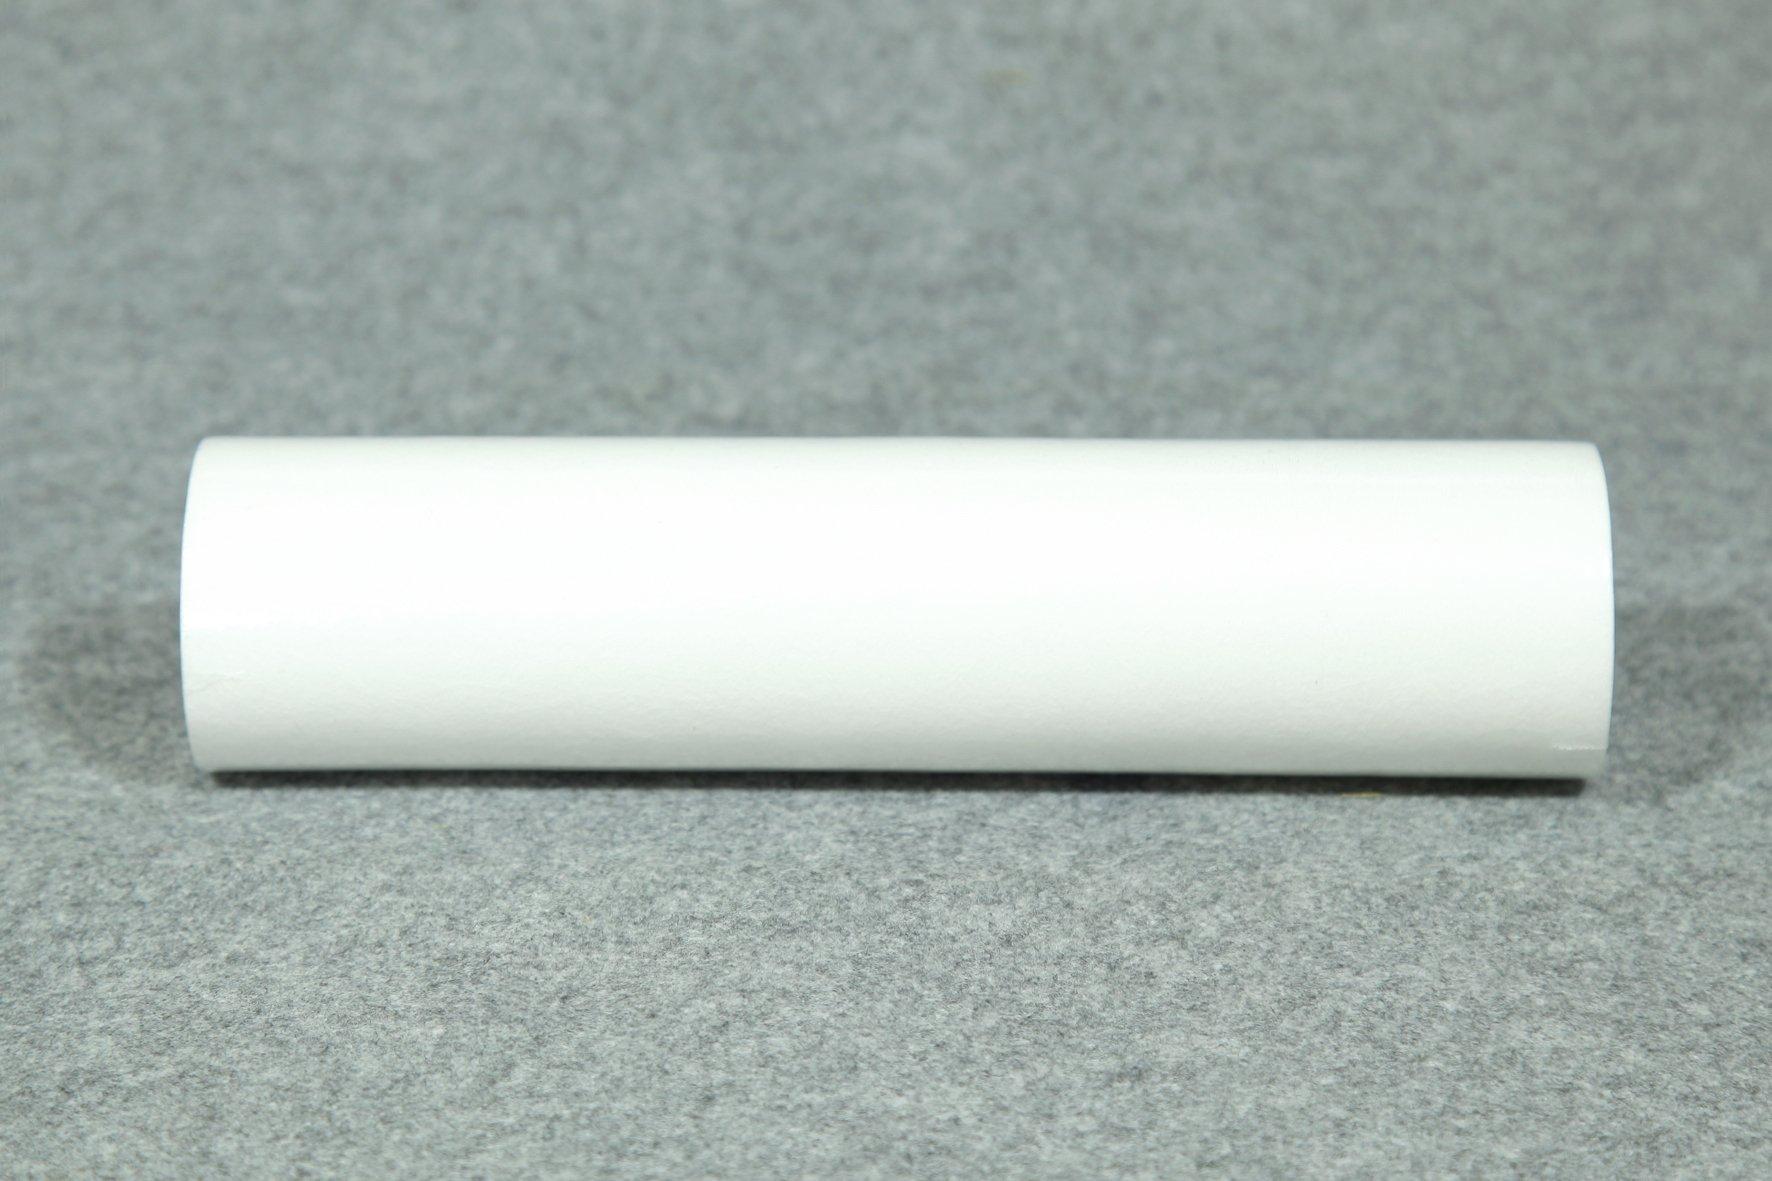 Bộ 3 Lõi lọc PP 1micron 10 inch dùng trong máy lọc nước